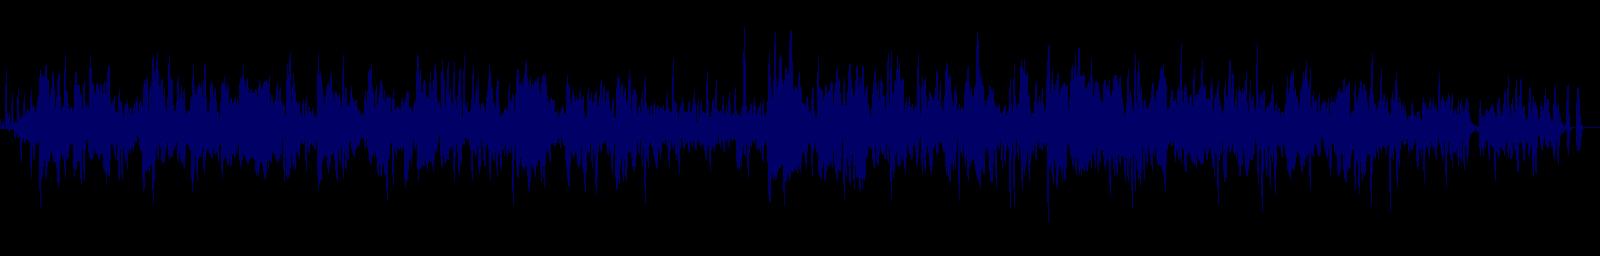 waveform of track #141863